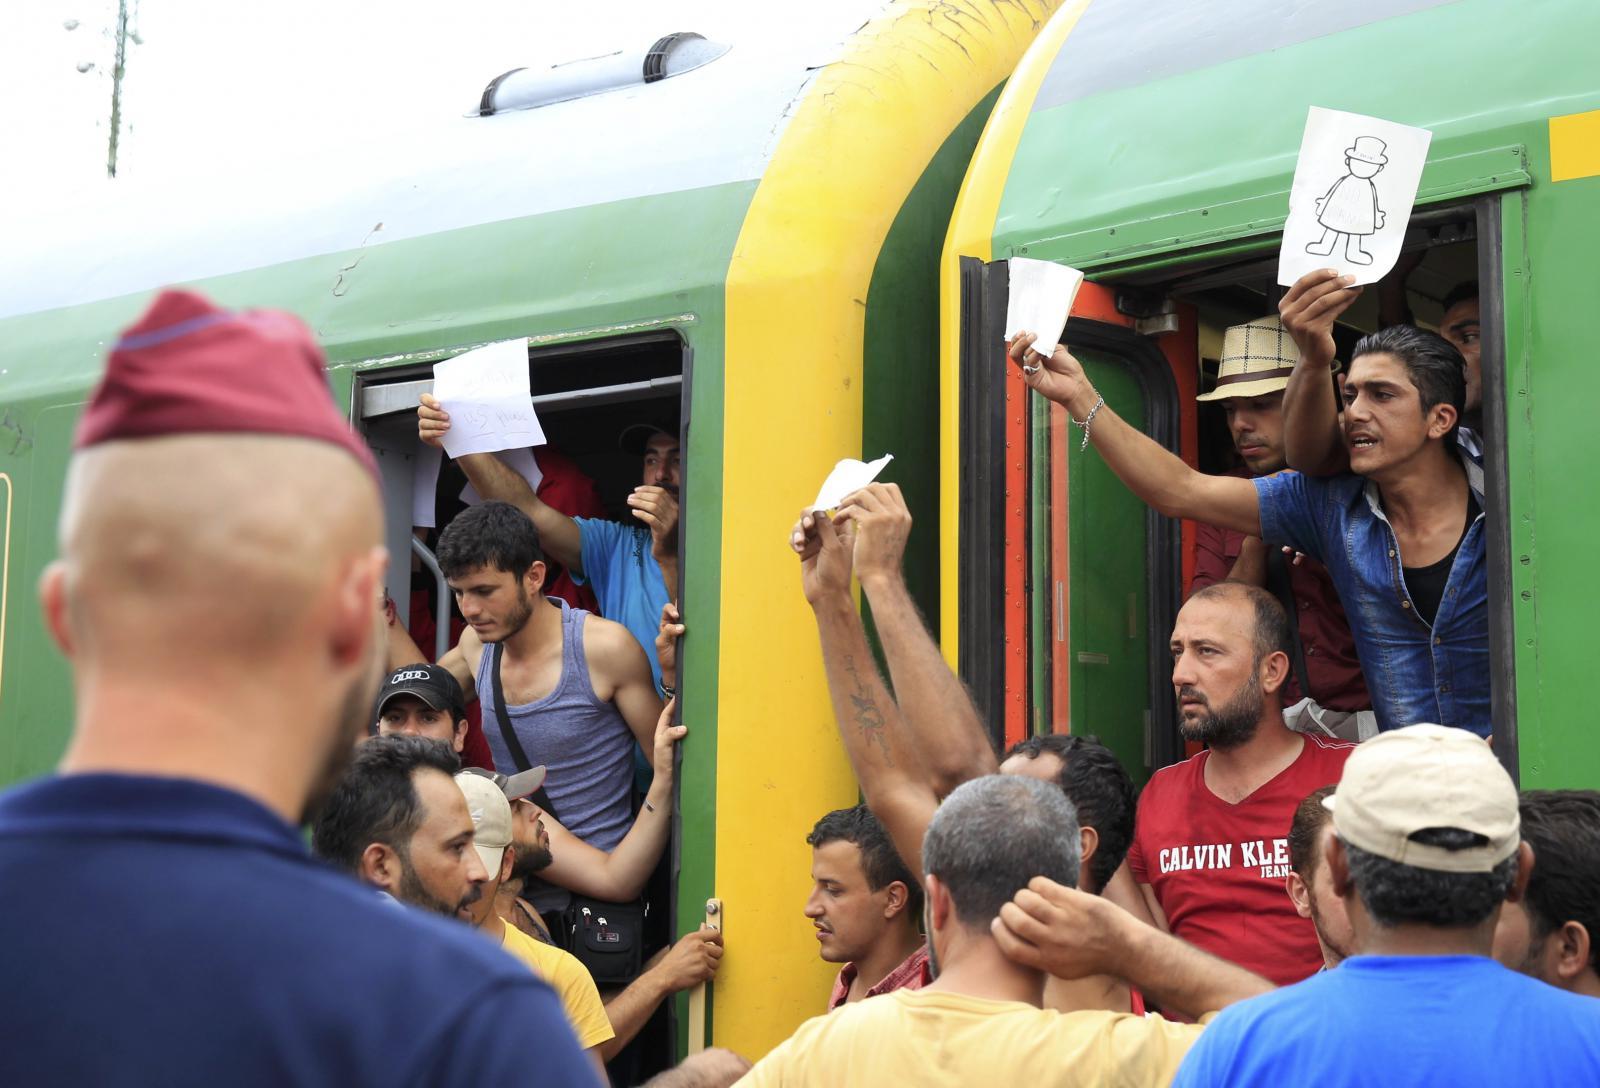 Uprchlíci na nádraží v Bicske